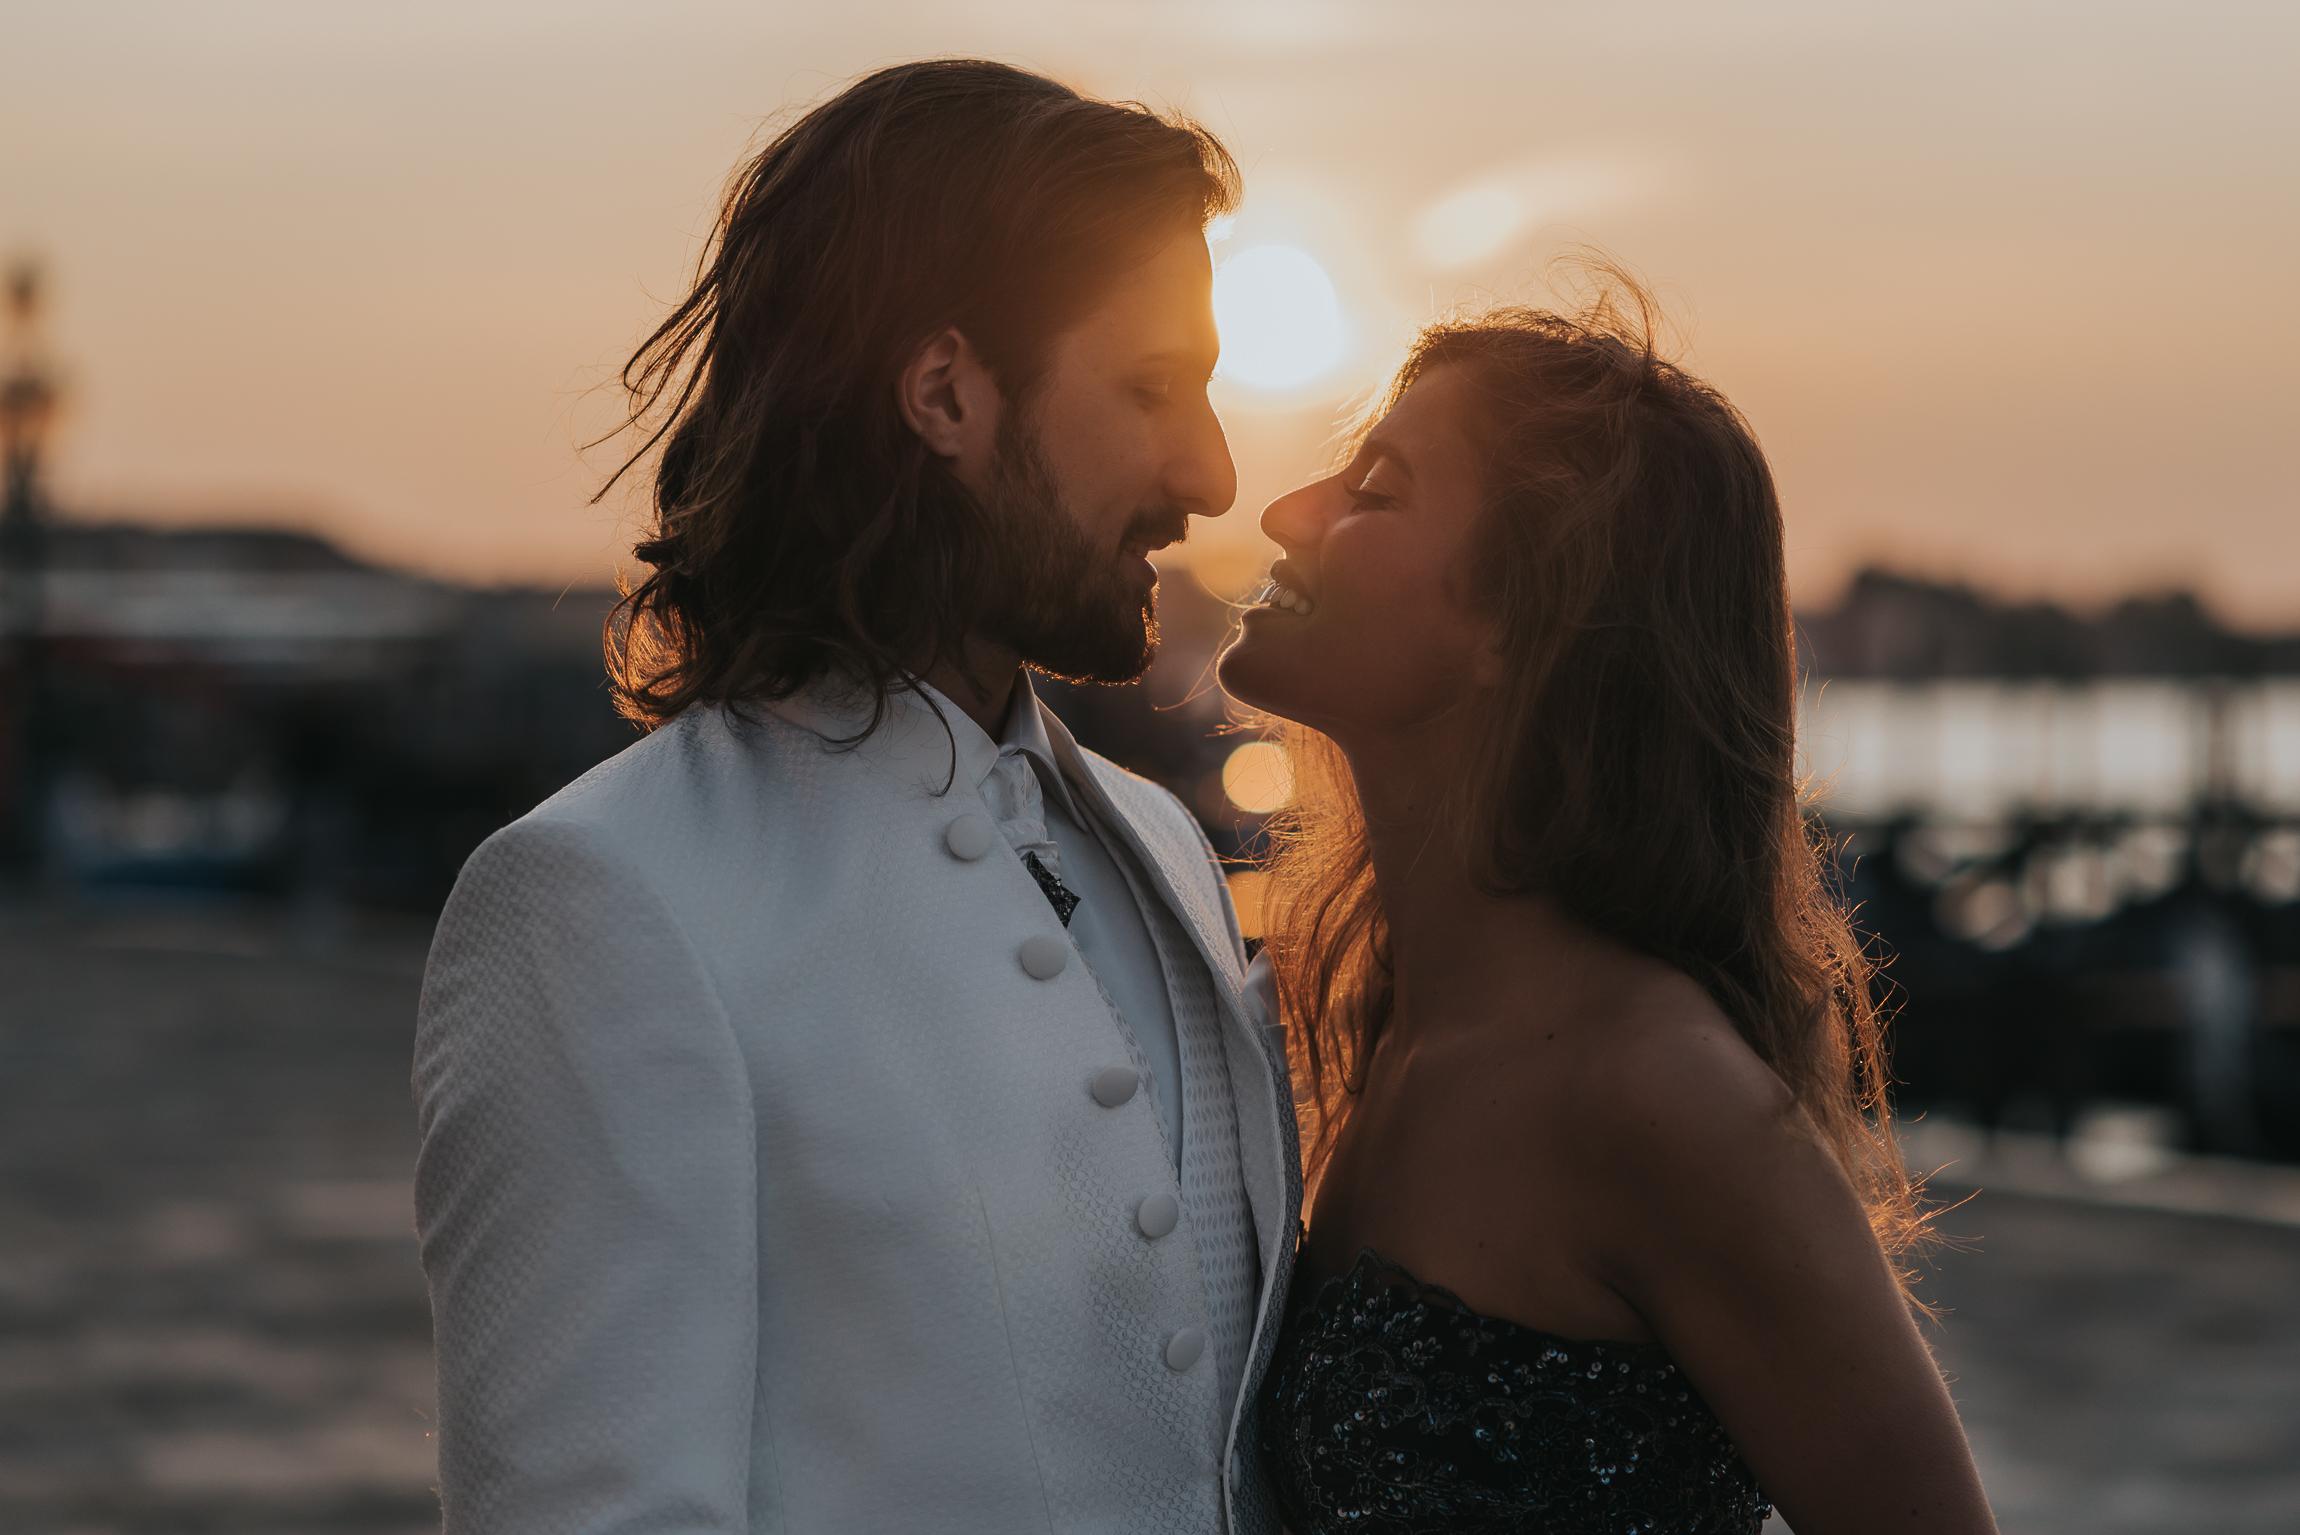 Servizio di coppia a Venezia. Serena & David. Il Blog di Michelino Studio, Fotografo di matrimonio in Veneto. Serena-David-4.jpg